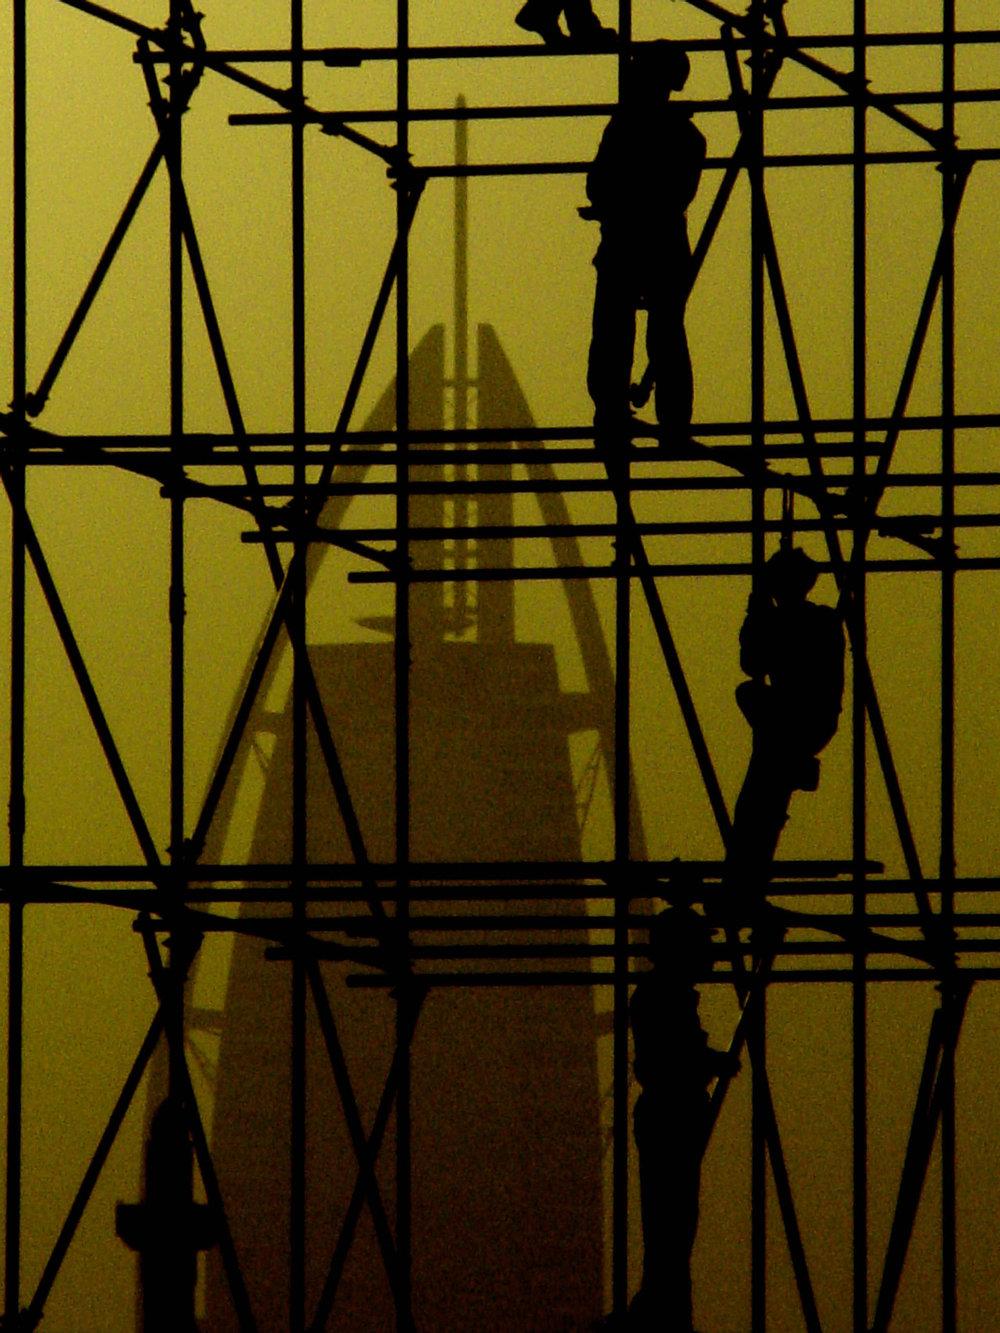 the-builders-1548399-1279x1705.jpg